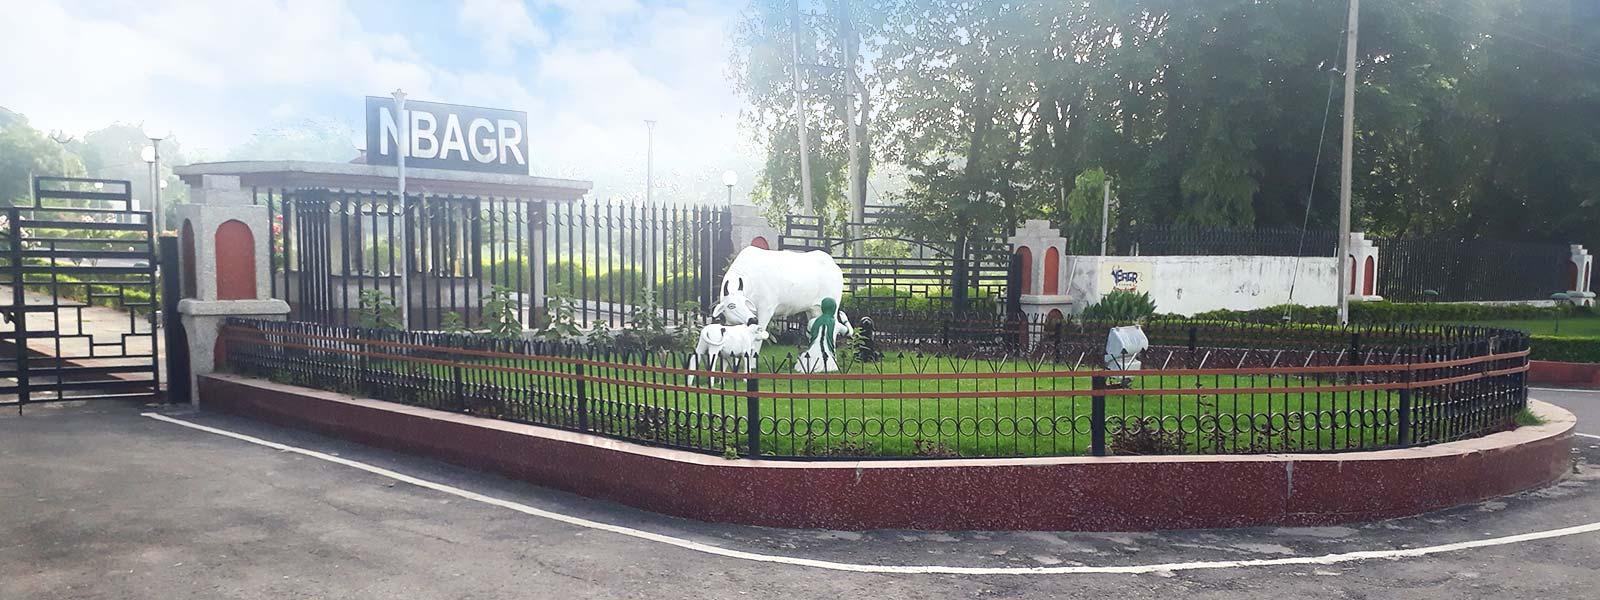 nbagr slider gate